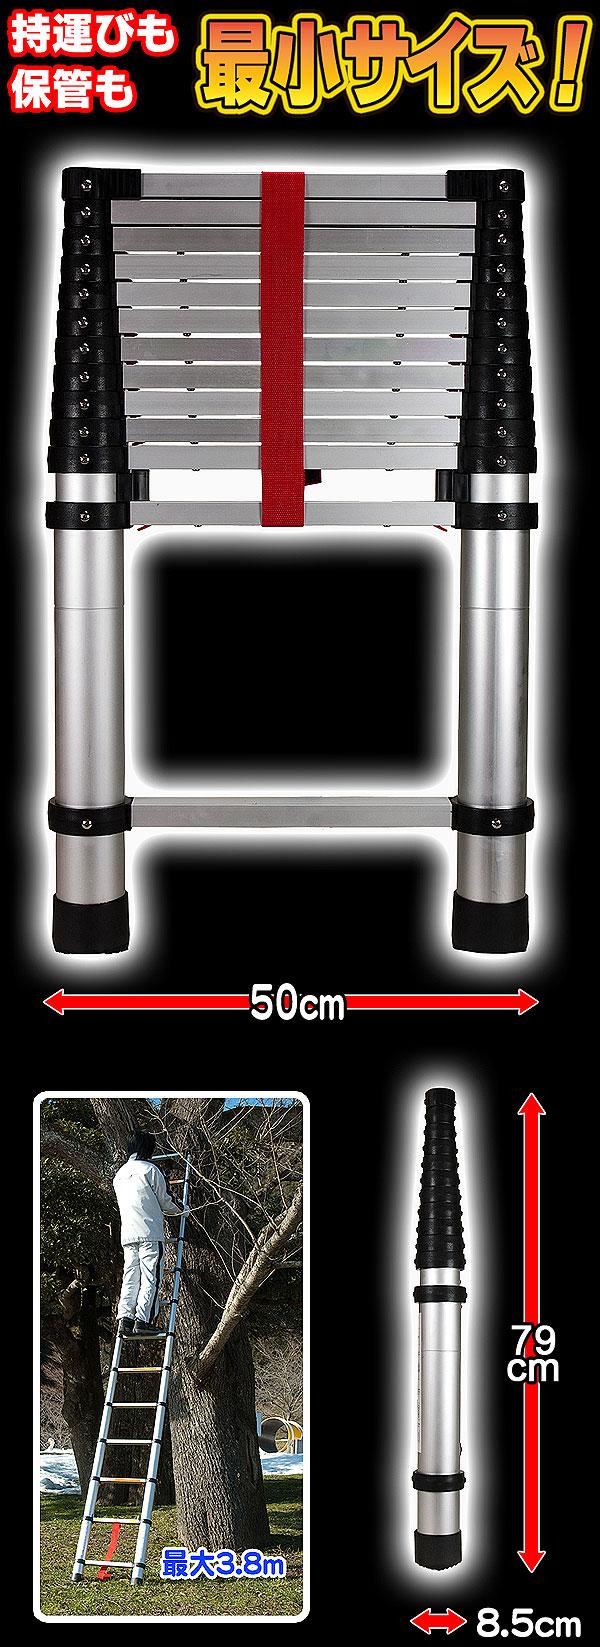 伸縮ハシゴ3.8M【テレスコピックラダー/TELESCOPIC LADDER】 持ち運びも保管も最小サイズ 幅50cm 高さ79cm 奥行き8.5cm